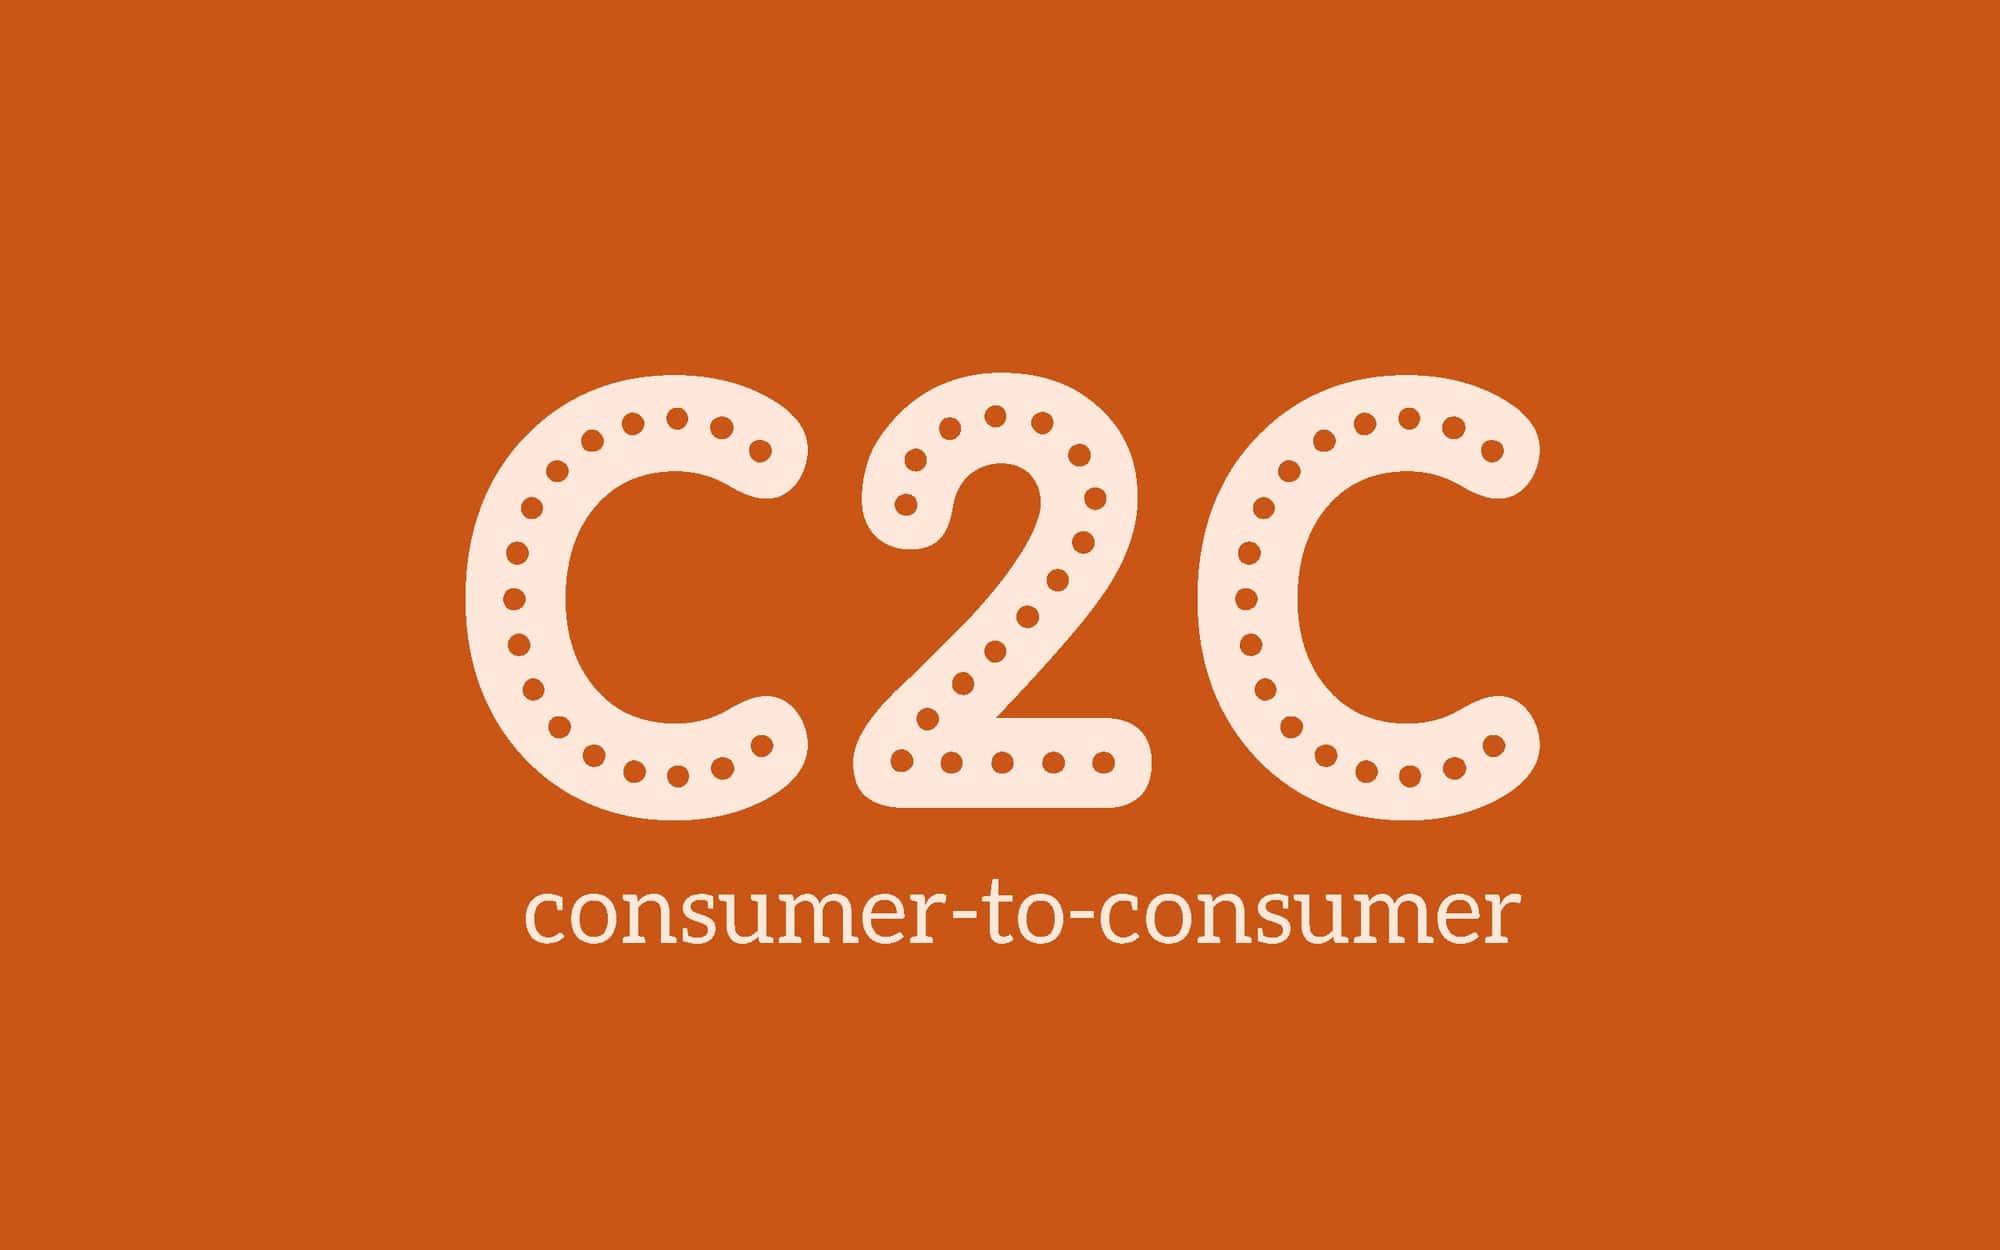 C2C là gì? Tổng quan về thương mại điện tử C2C